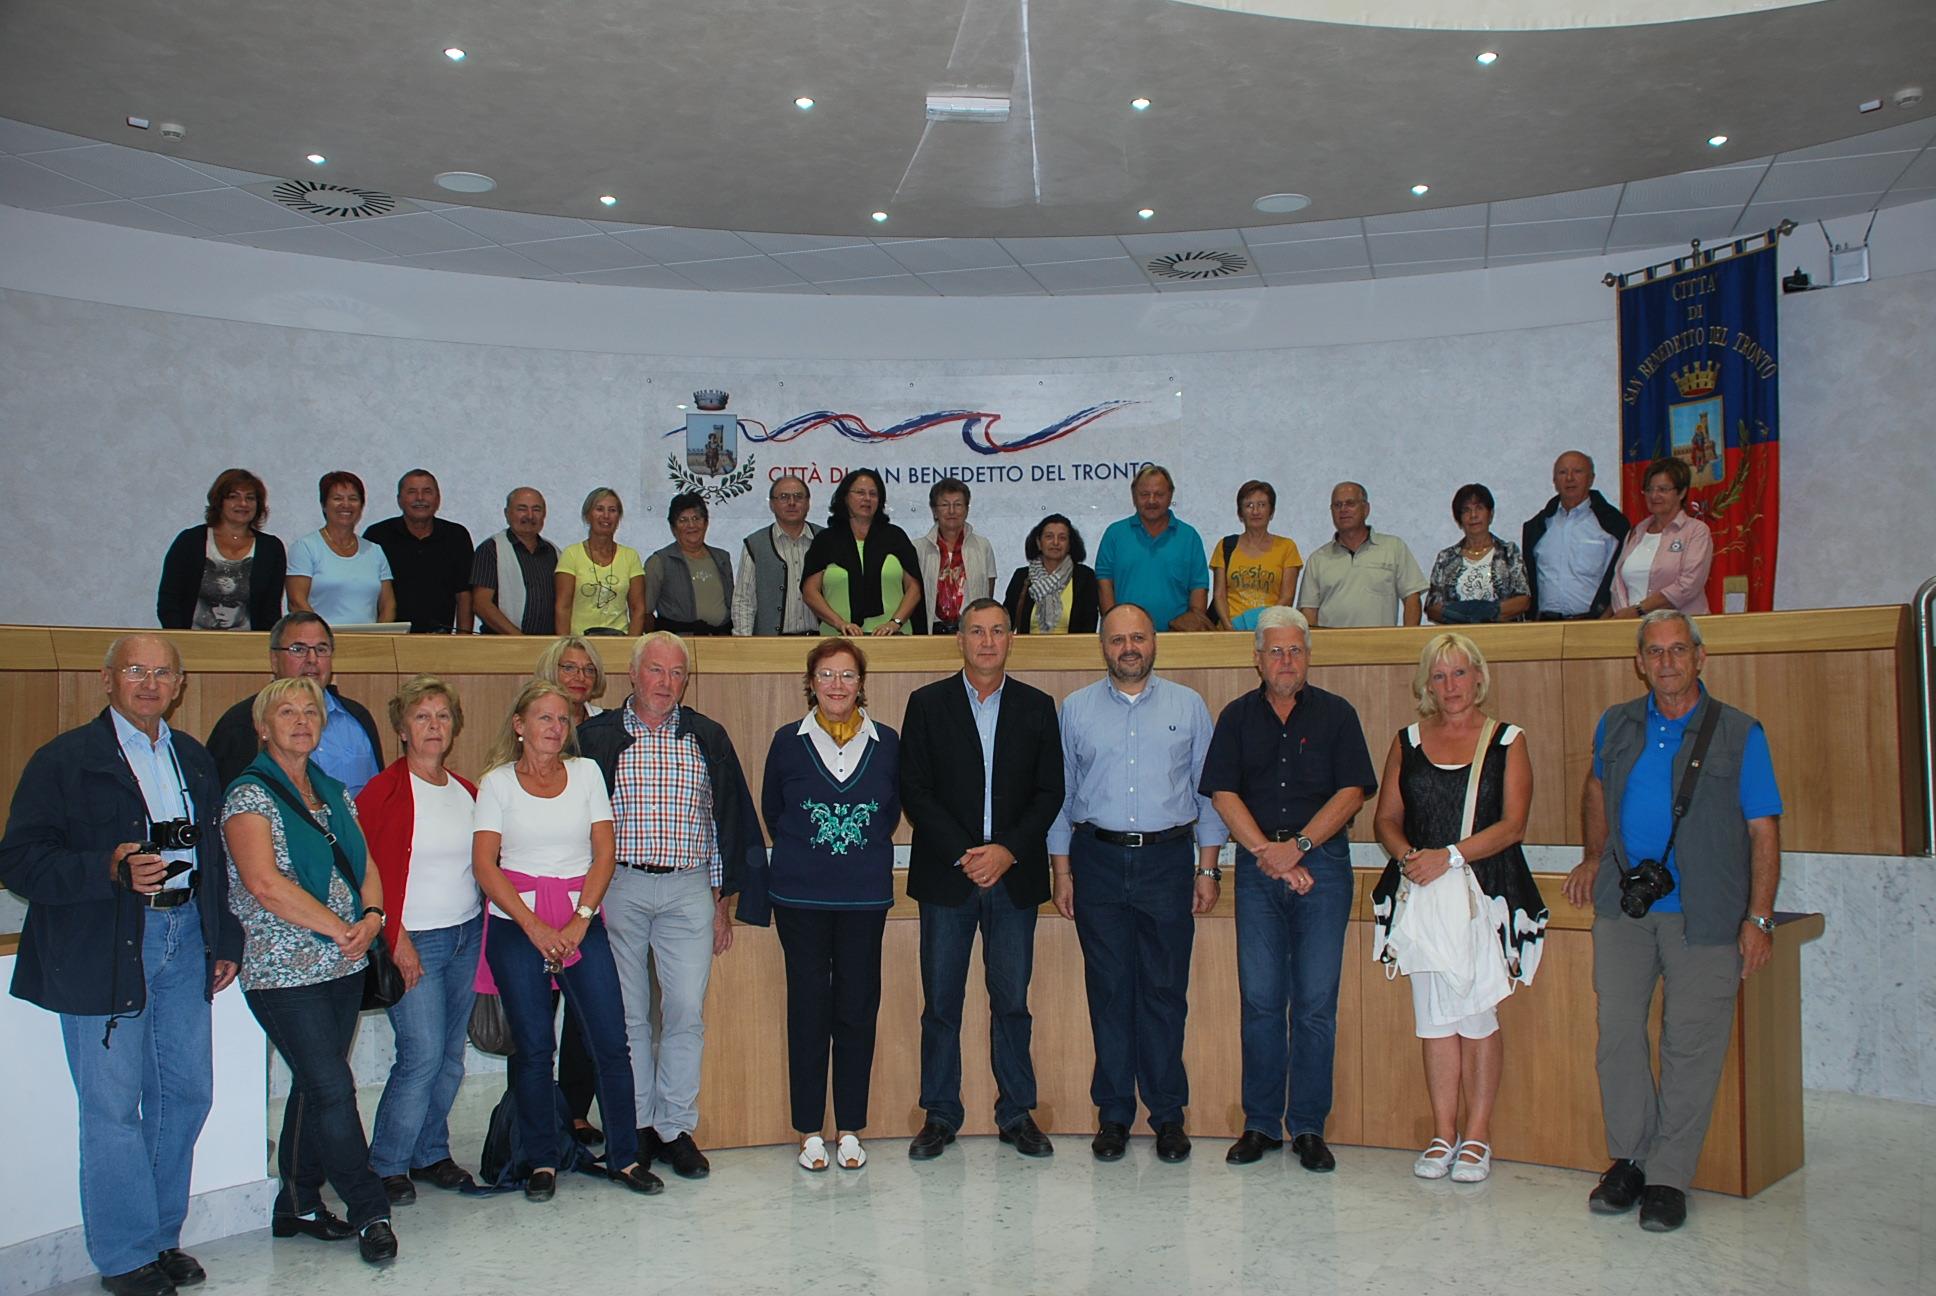 Il gruppo di austriaci all'interno del comune